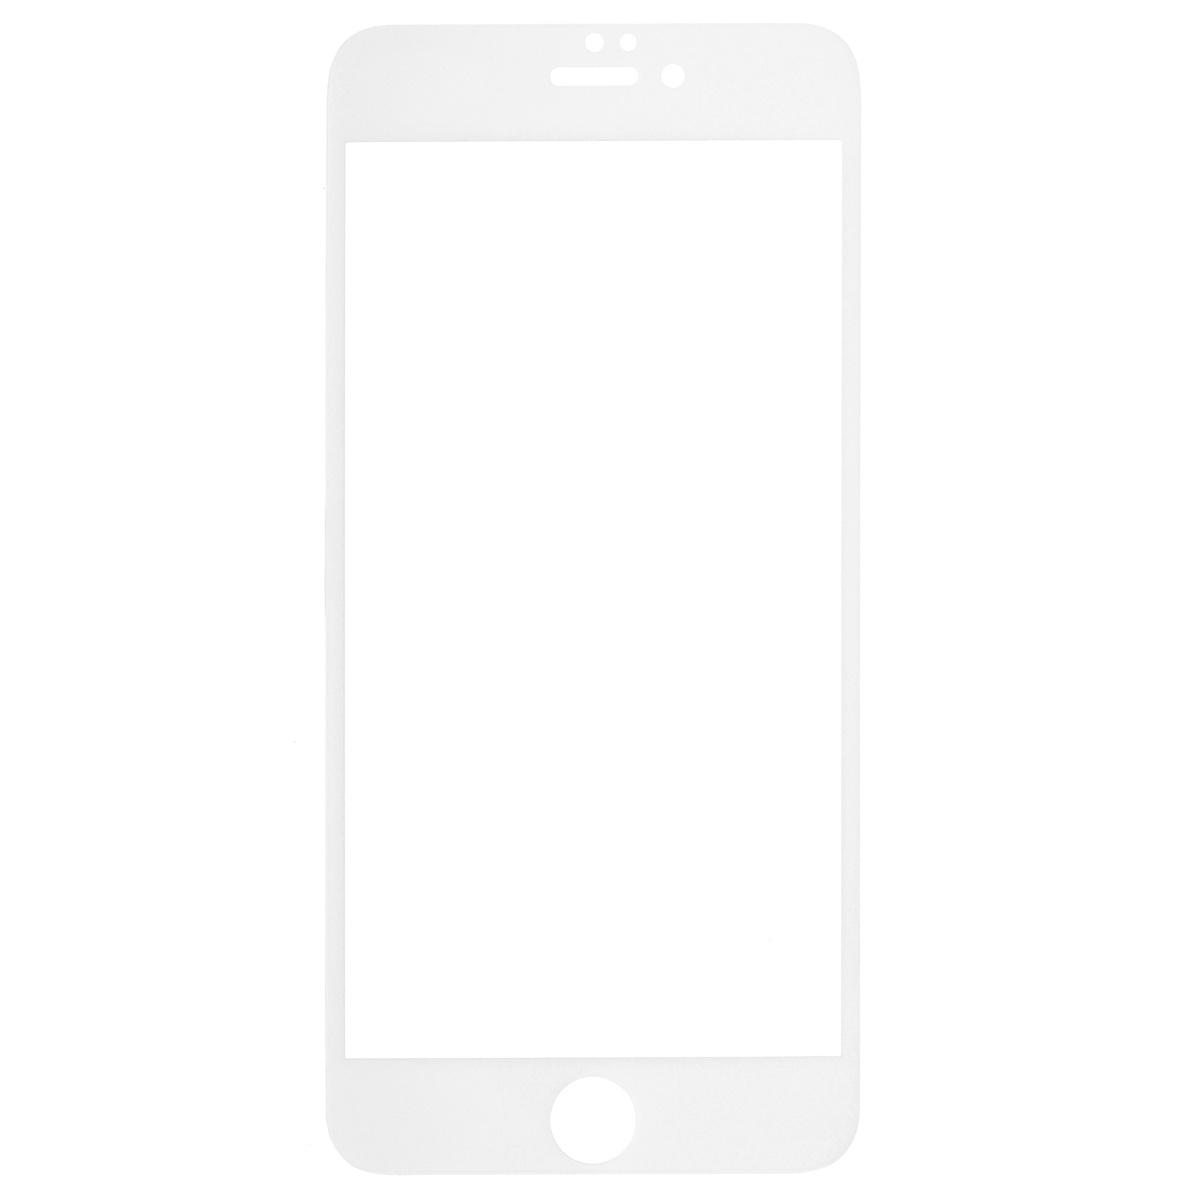 Highscreen защитное стекло для iPhone 6, белая рамка22885Защитное стекло Highscreen для iPhone 6 - надежная защита экрана смартфона от грязи, пыли, отпечатков пальцев и царапин. Стекло изготовлено точно по размеру экрана, отличается кристальной прозрачностью и имеет все необходимые прорези.